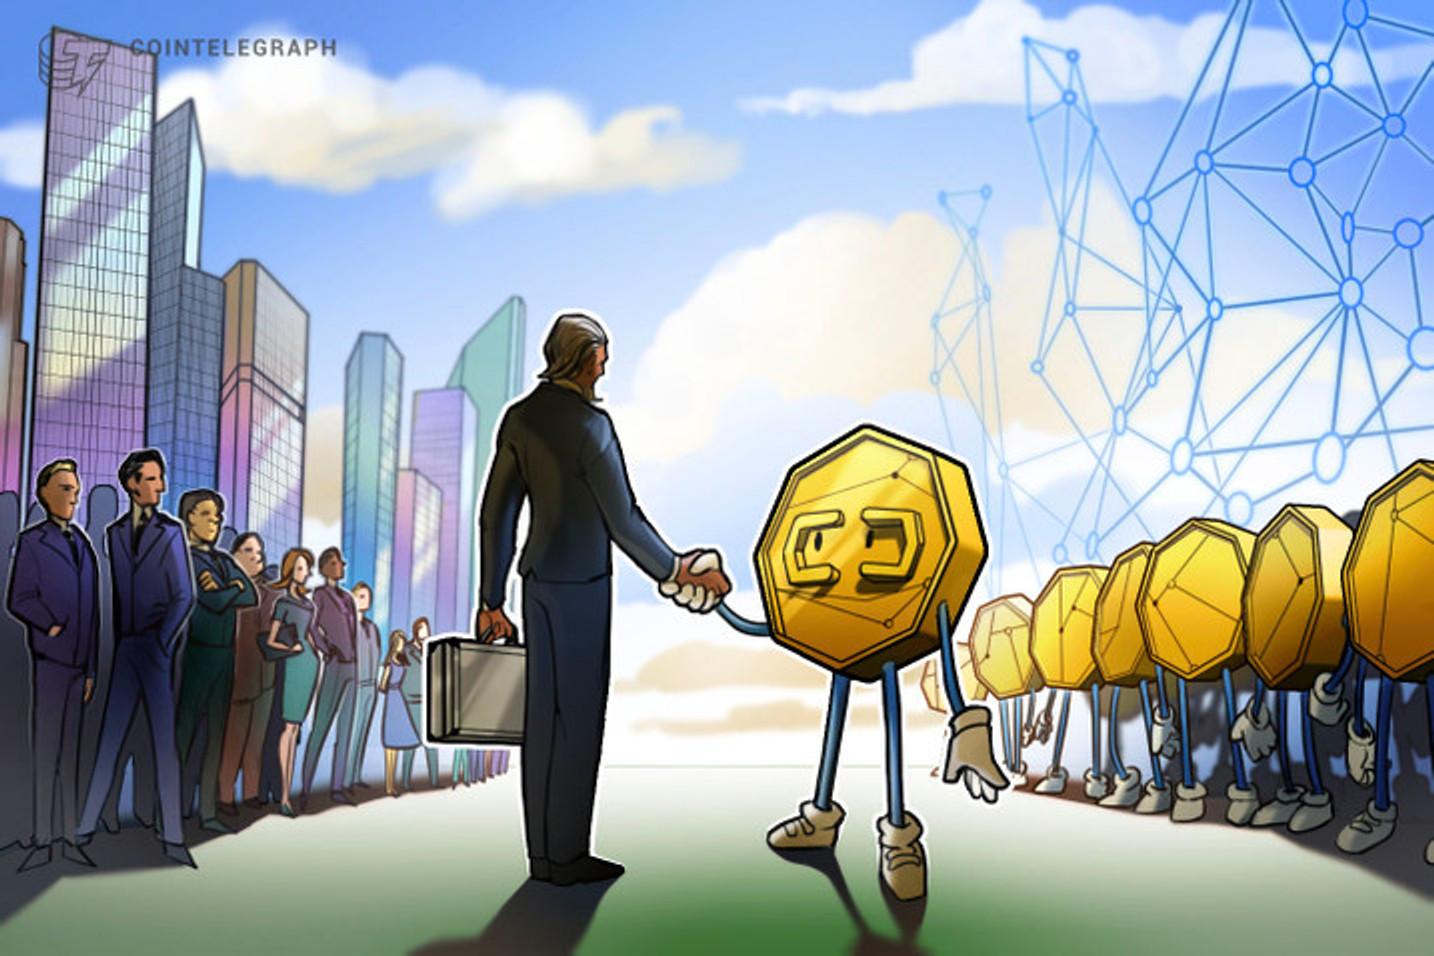 'Dá pra ganhar dinheiro e entender bitcoin sem seguir fake especialista', diz Barão do Bitcoin